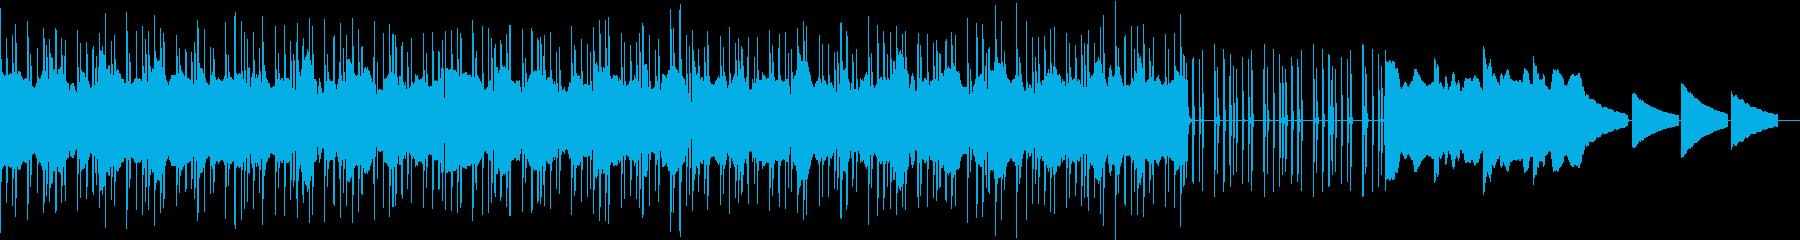 ダークな雰囲気のエレクトリックな曲の再生済みの波形